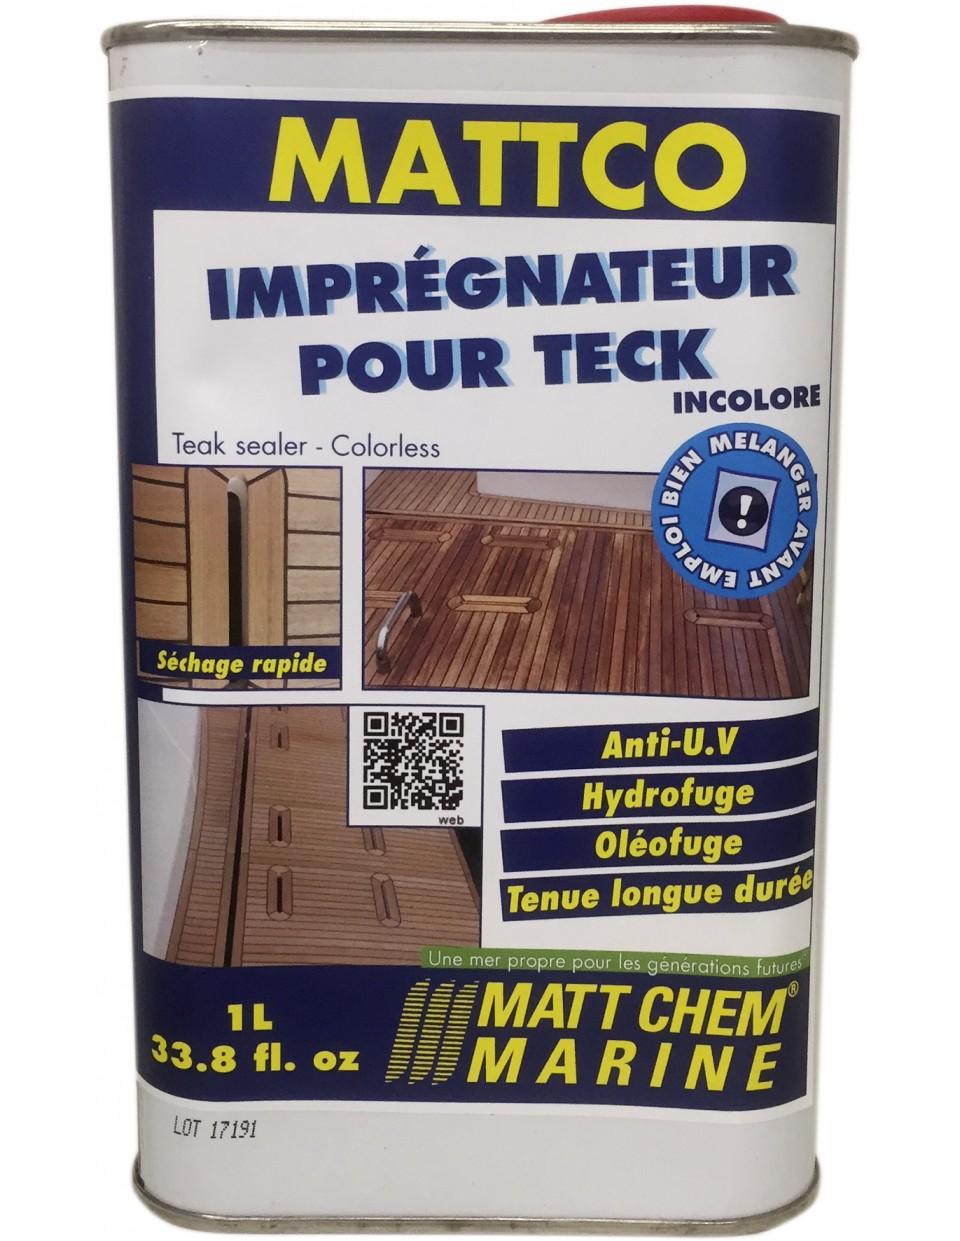 MATTCO INCOLORE